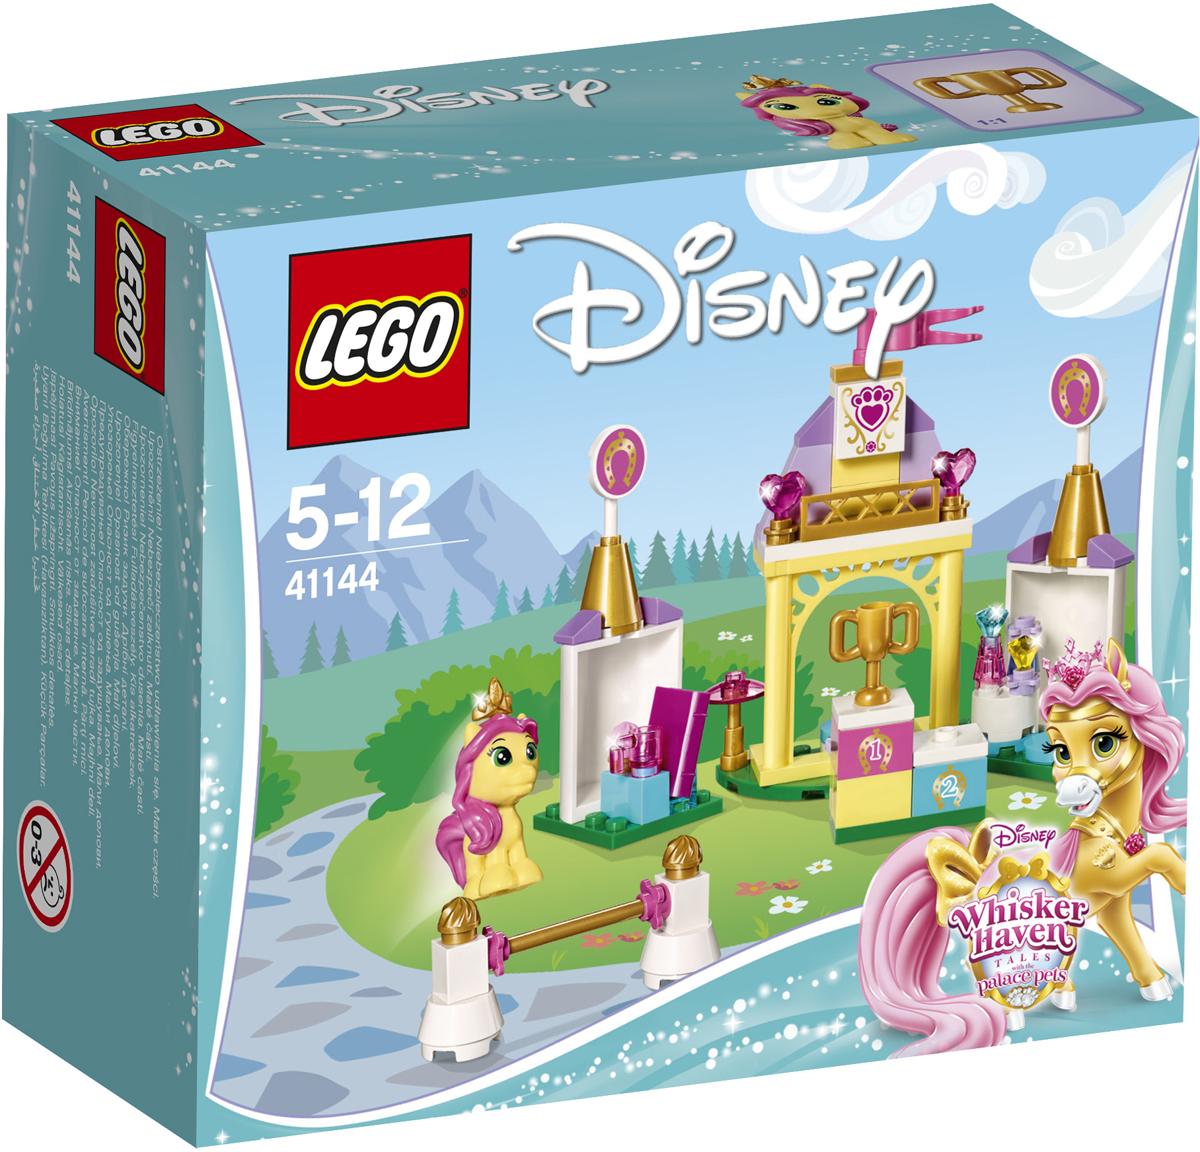 LEGO Disney Princesses Конструктор Королевская конюшня Невелички 4114441144Заходи в гости в Королевскую конюшню Невелички, пони принцессы Disney Белль. Помоги Невеличке выиграть соревнование по прыжкам и вручи ей приз на пьедестале почёта. Пришло время отдохнуть с чашкой чая и хорошей книгой. Но не слишком долго. Невеличку пригласили на вечеринку по случаю её победы. Чтобы привести в порядок её гриву, возьми бутылочку с шампунем.